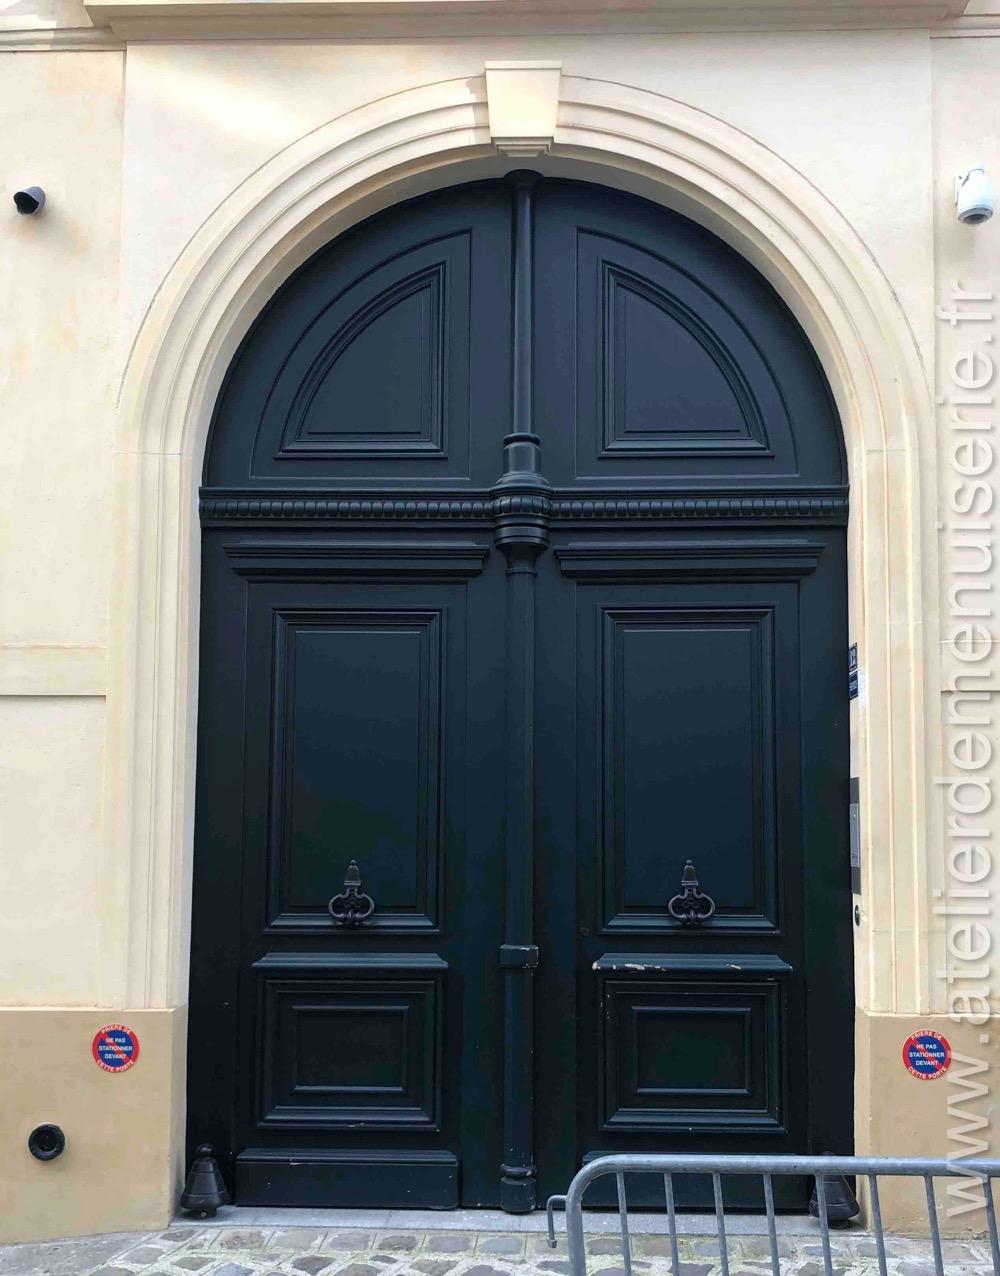 Porte Cochère à Voute En Plein Cintre - 12 Rue Monsieur - Paris 7